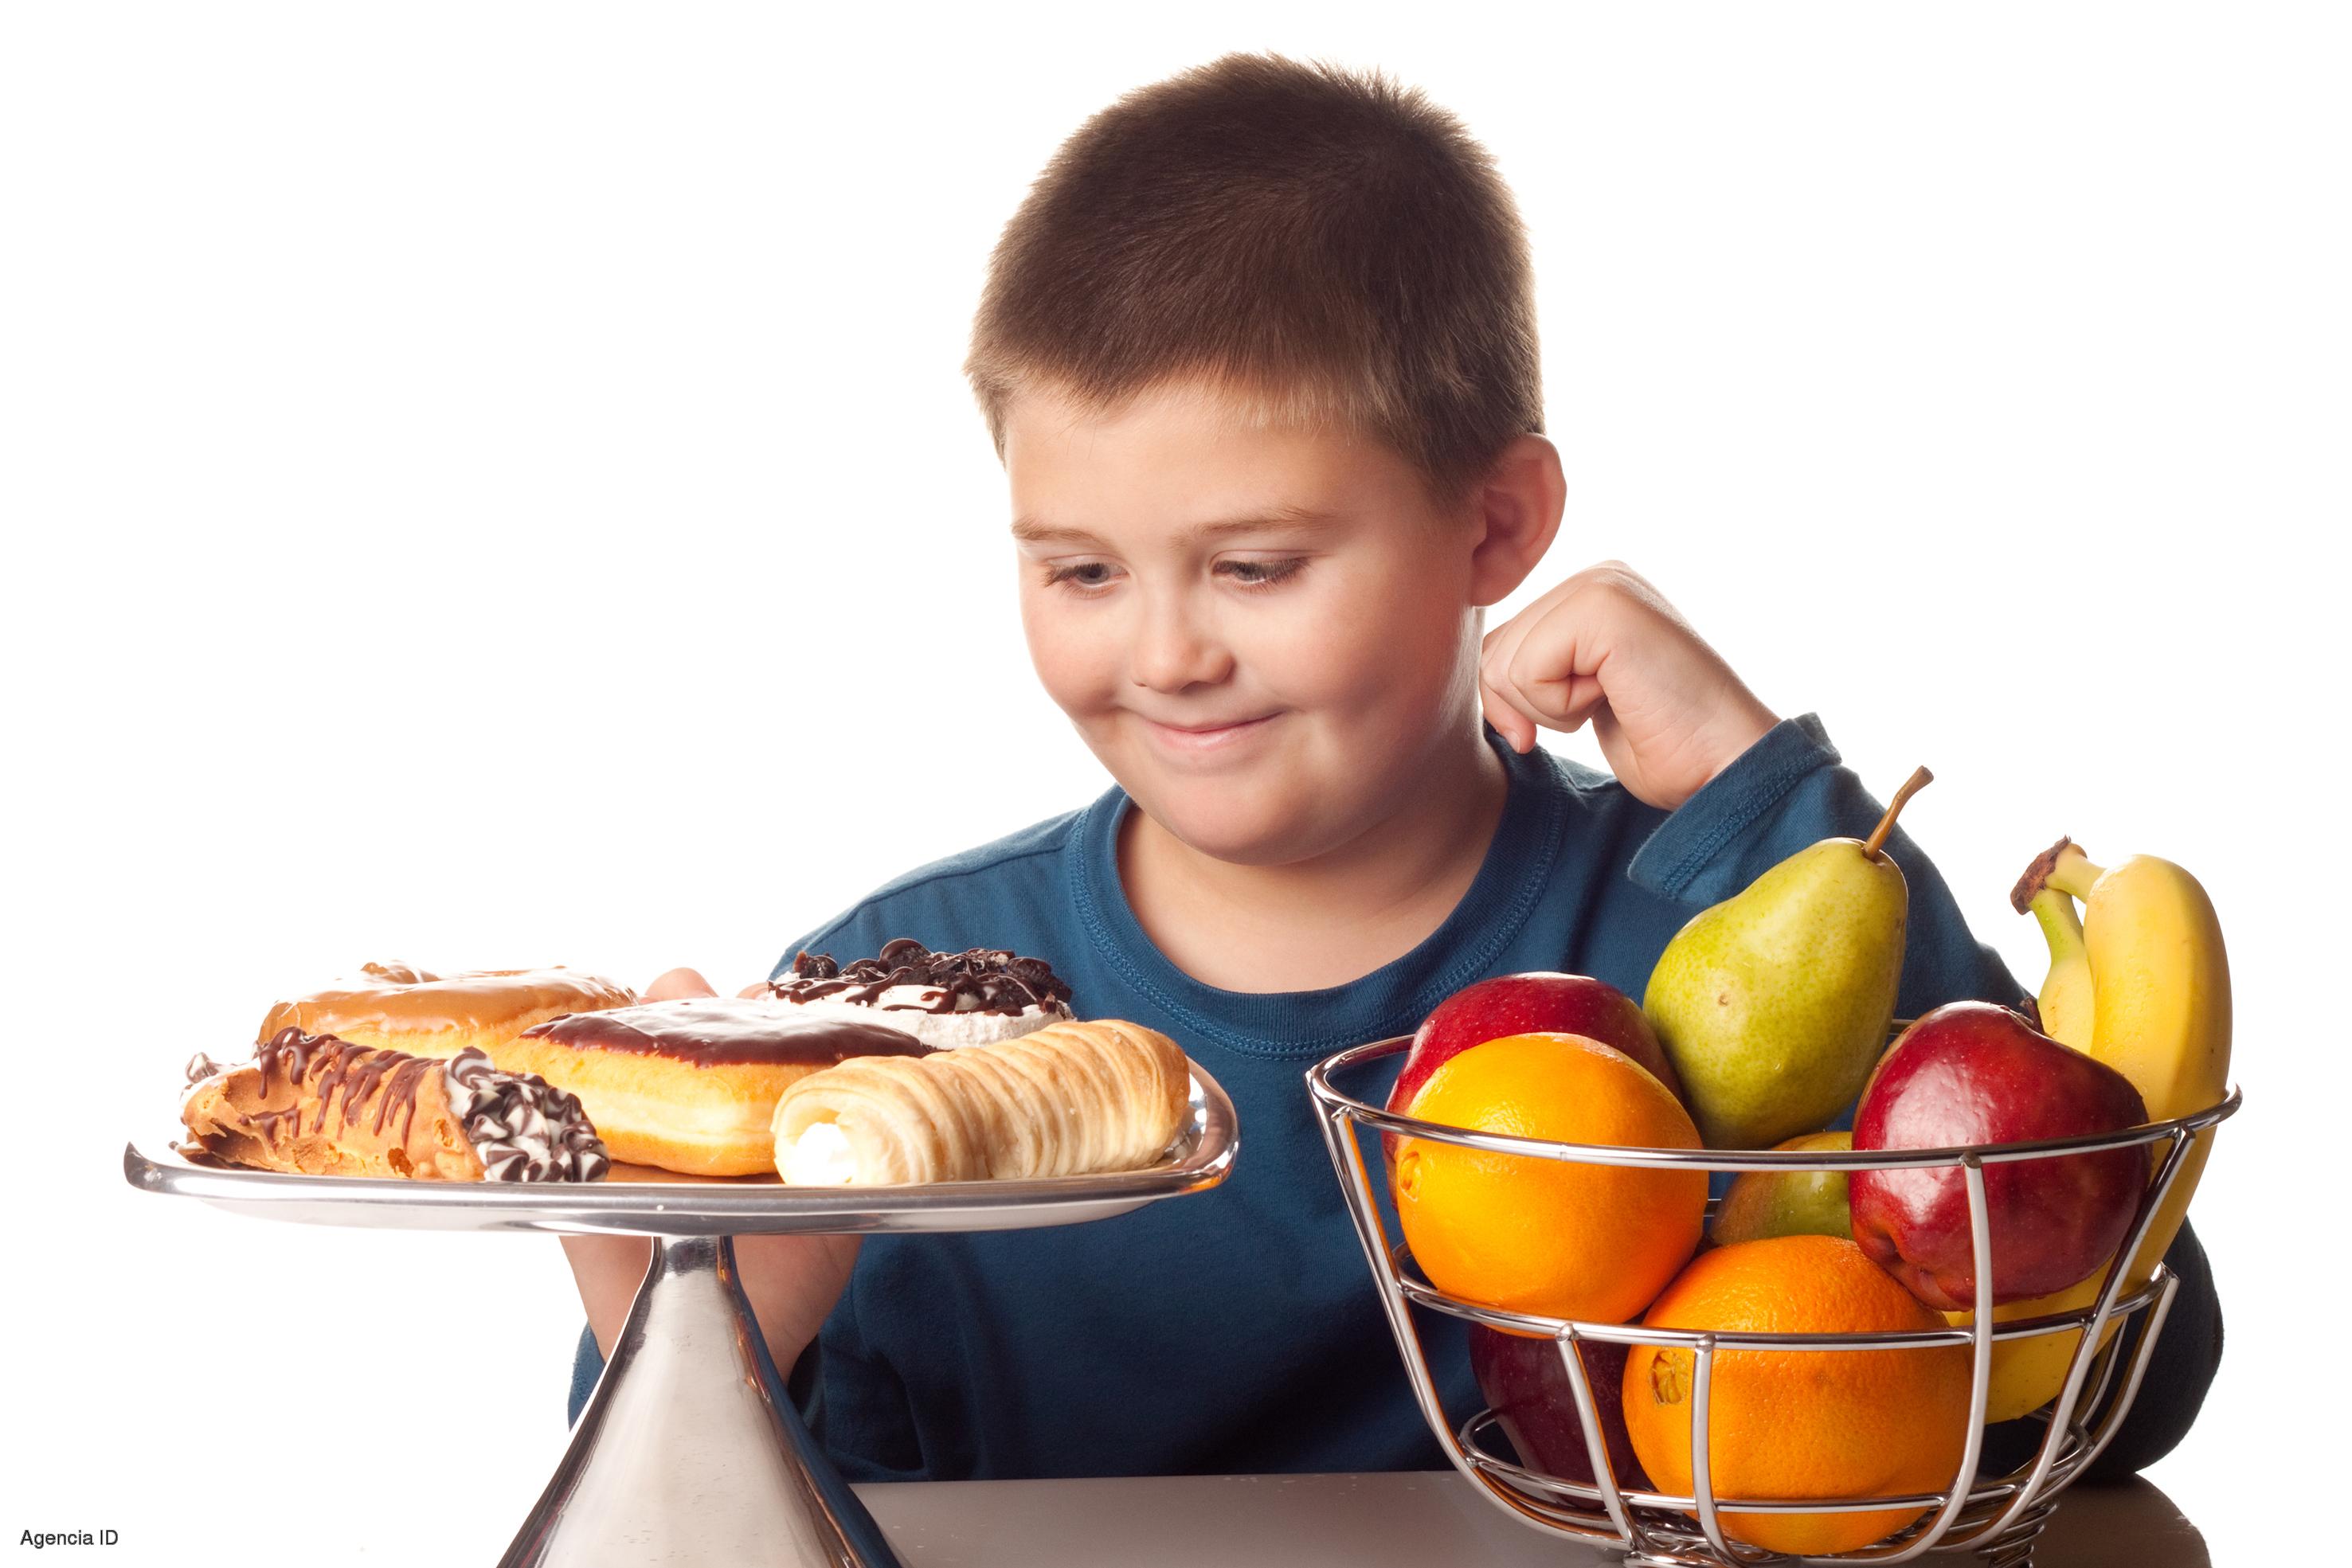 Aumentan casos de diabetes tipo II en menores de 18 años se asocia a obesidad, inactividad física y mala nutrición